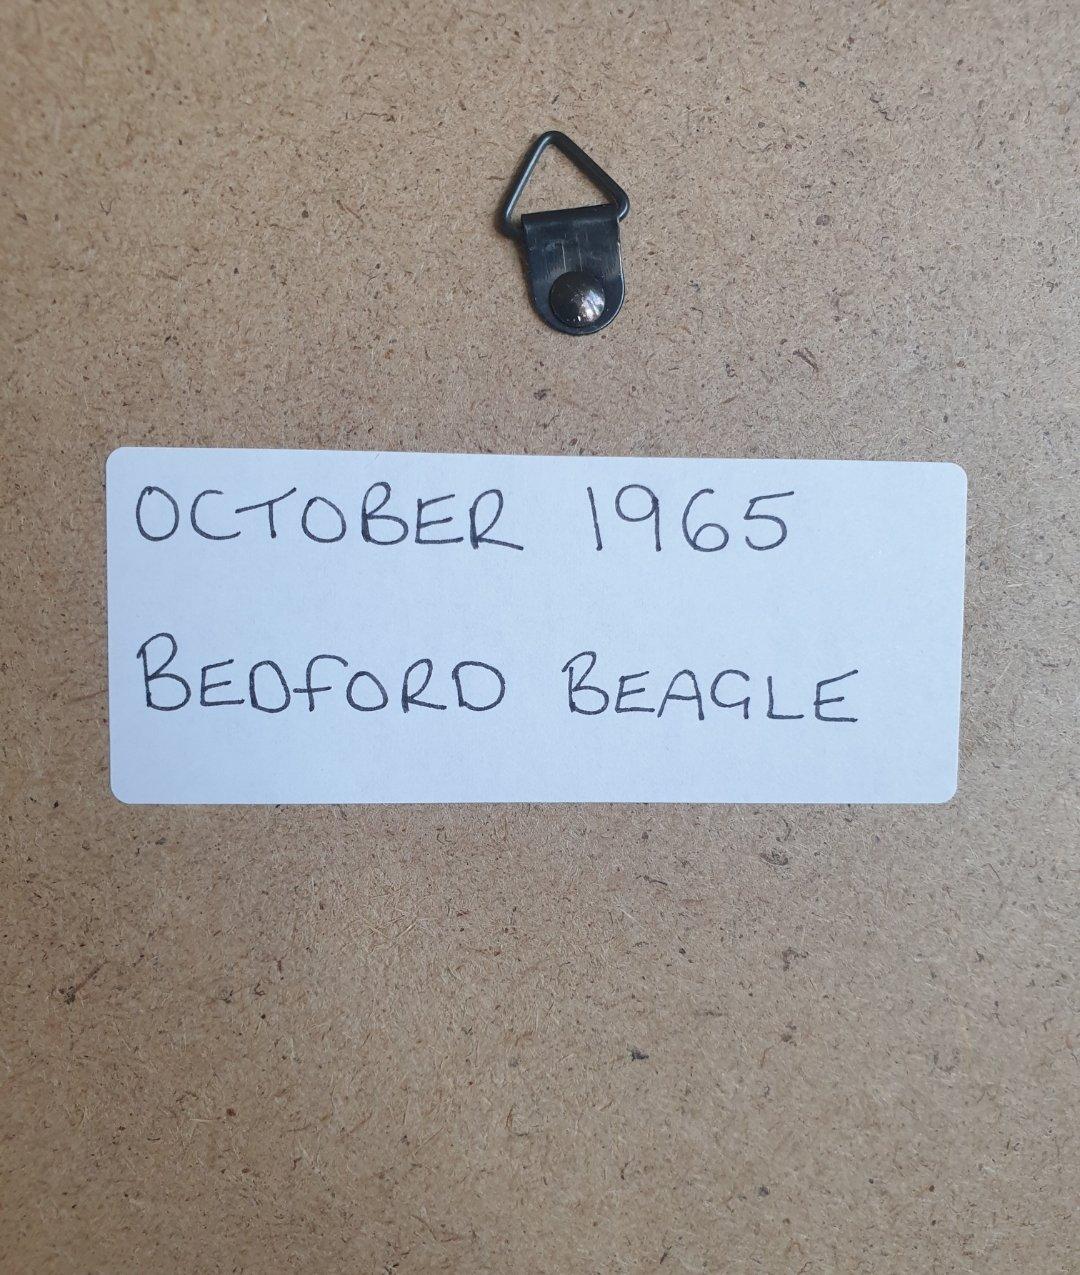 1969 Original 1965 Bedford Beagle Framed Advert  For Sale (picture 2 of 3)